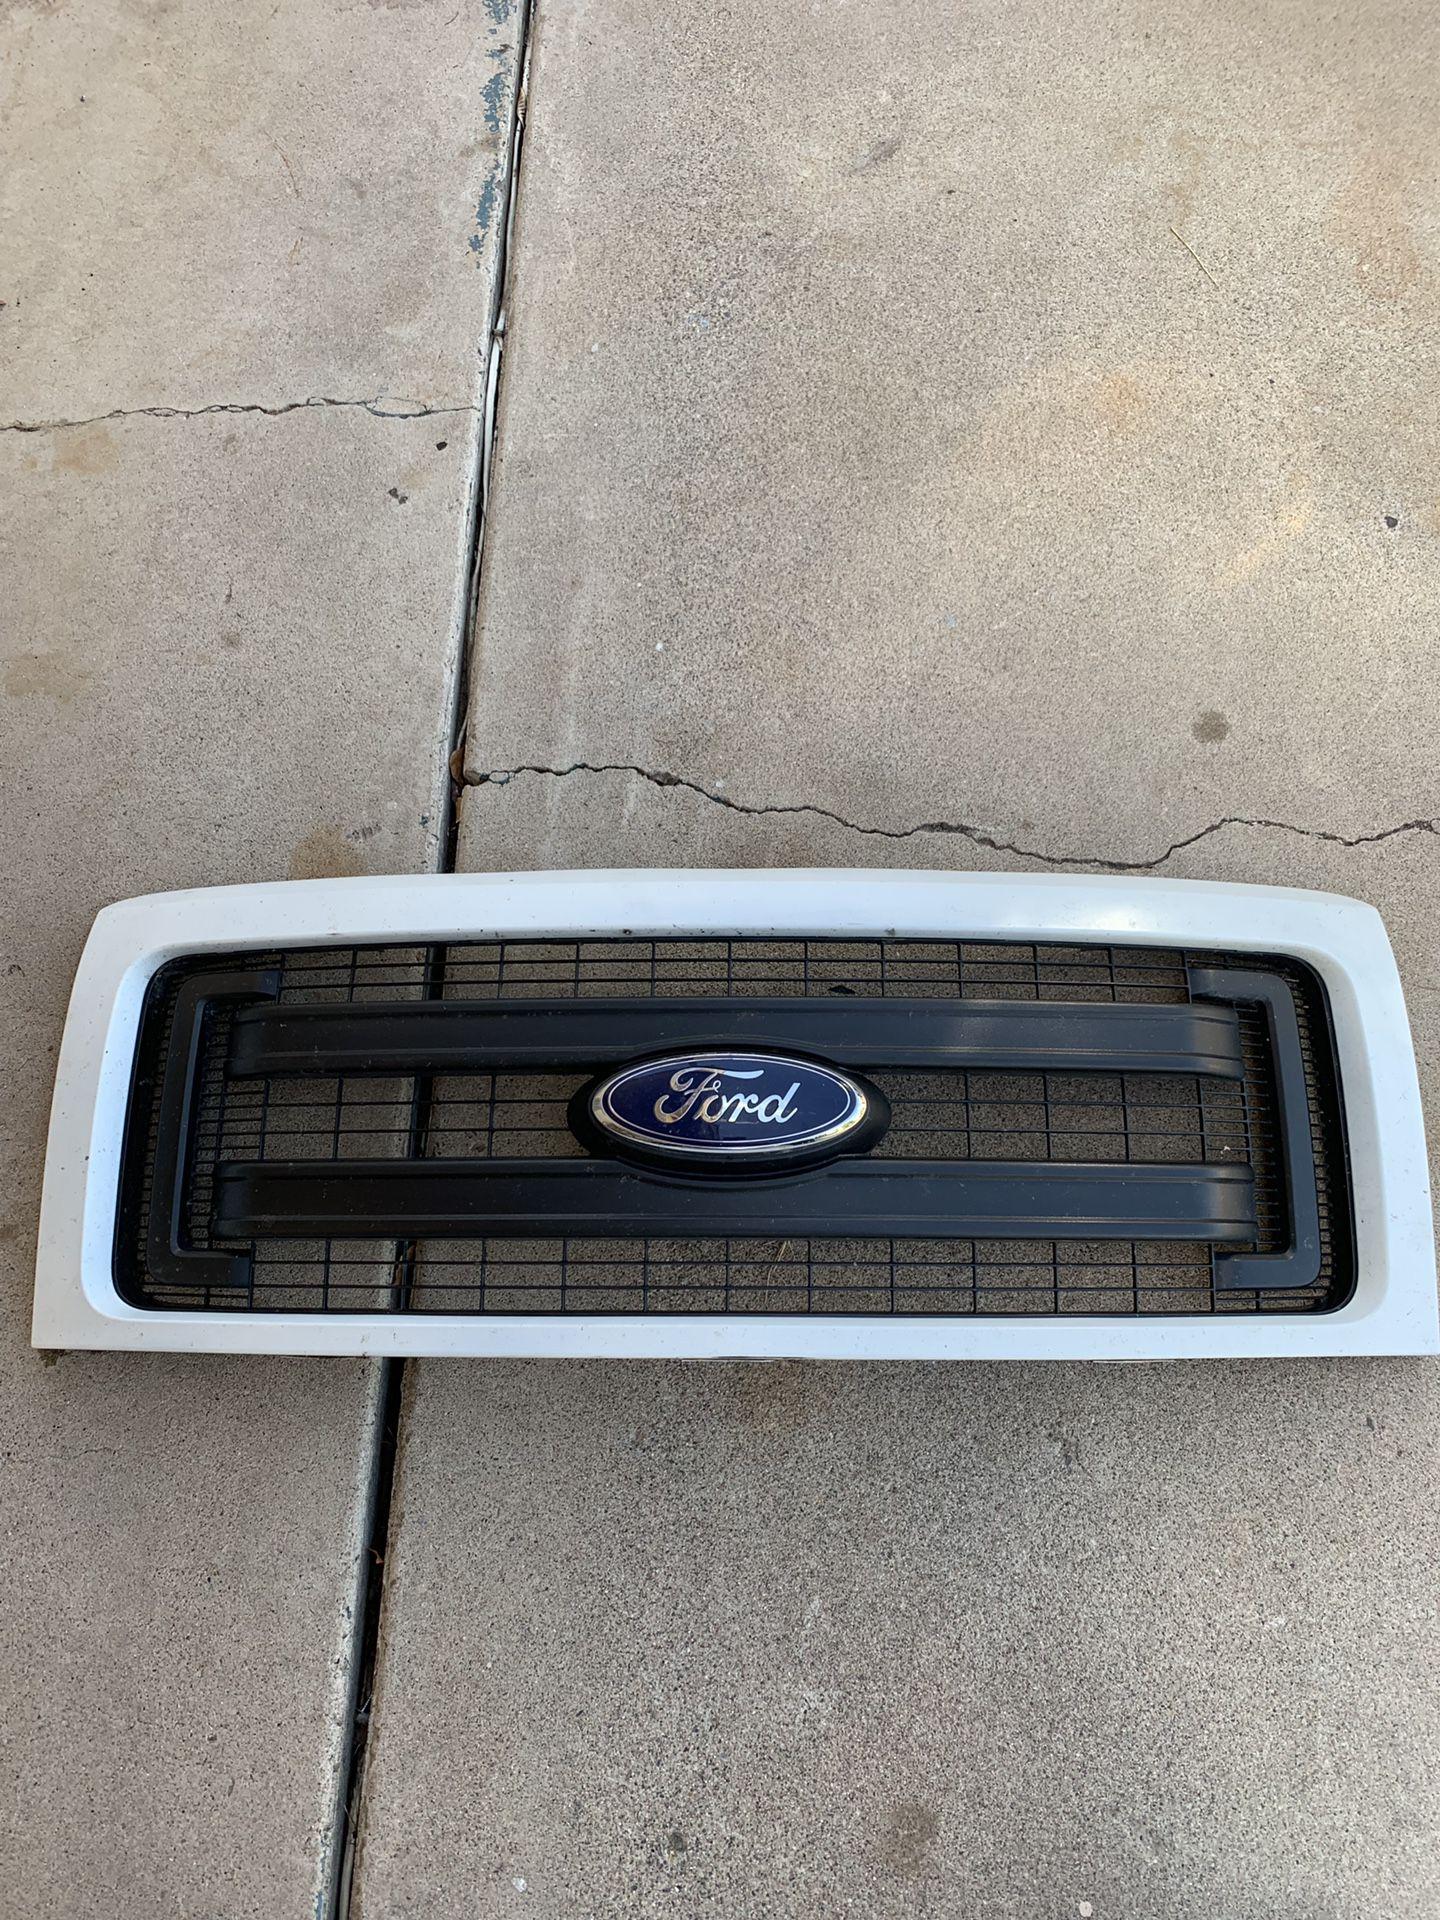 Parrilla de Ford 2013/14